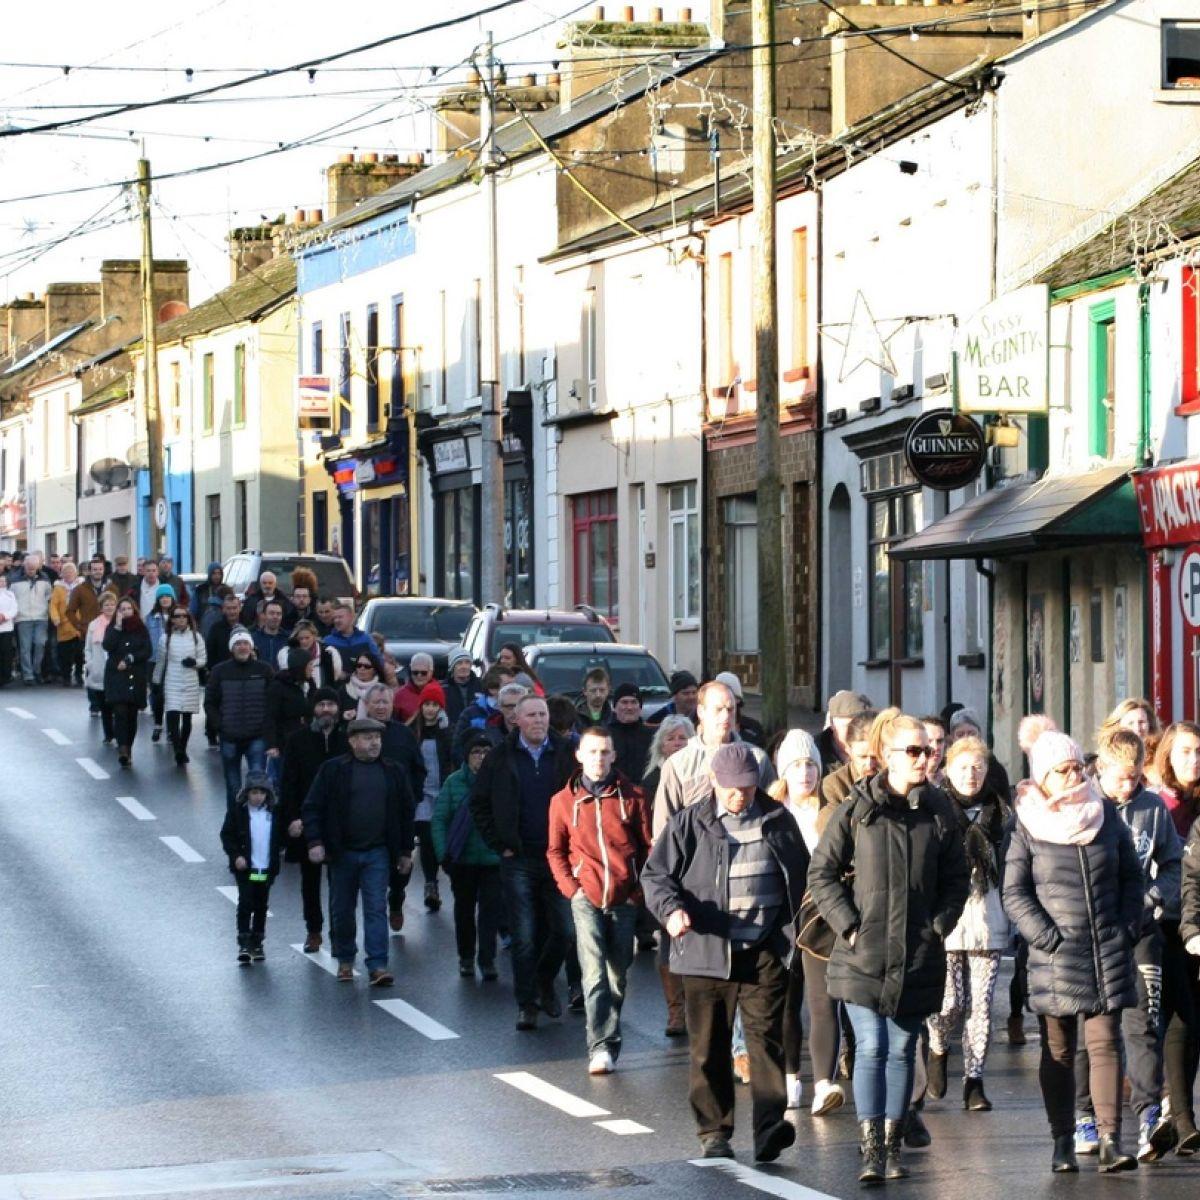 Castlerea in shock following killing of Det Garda Horkan